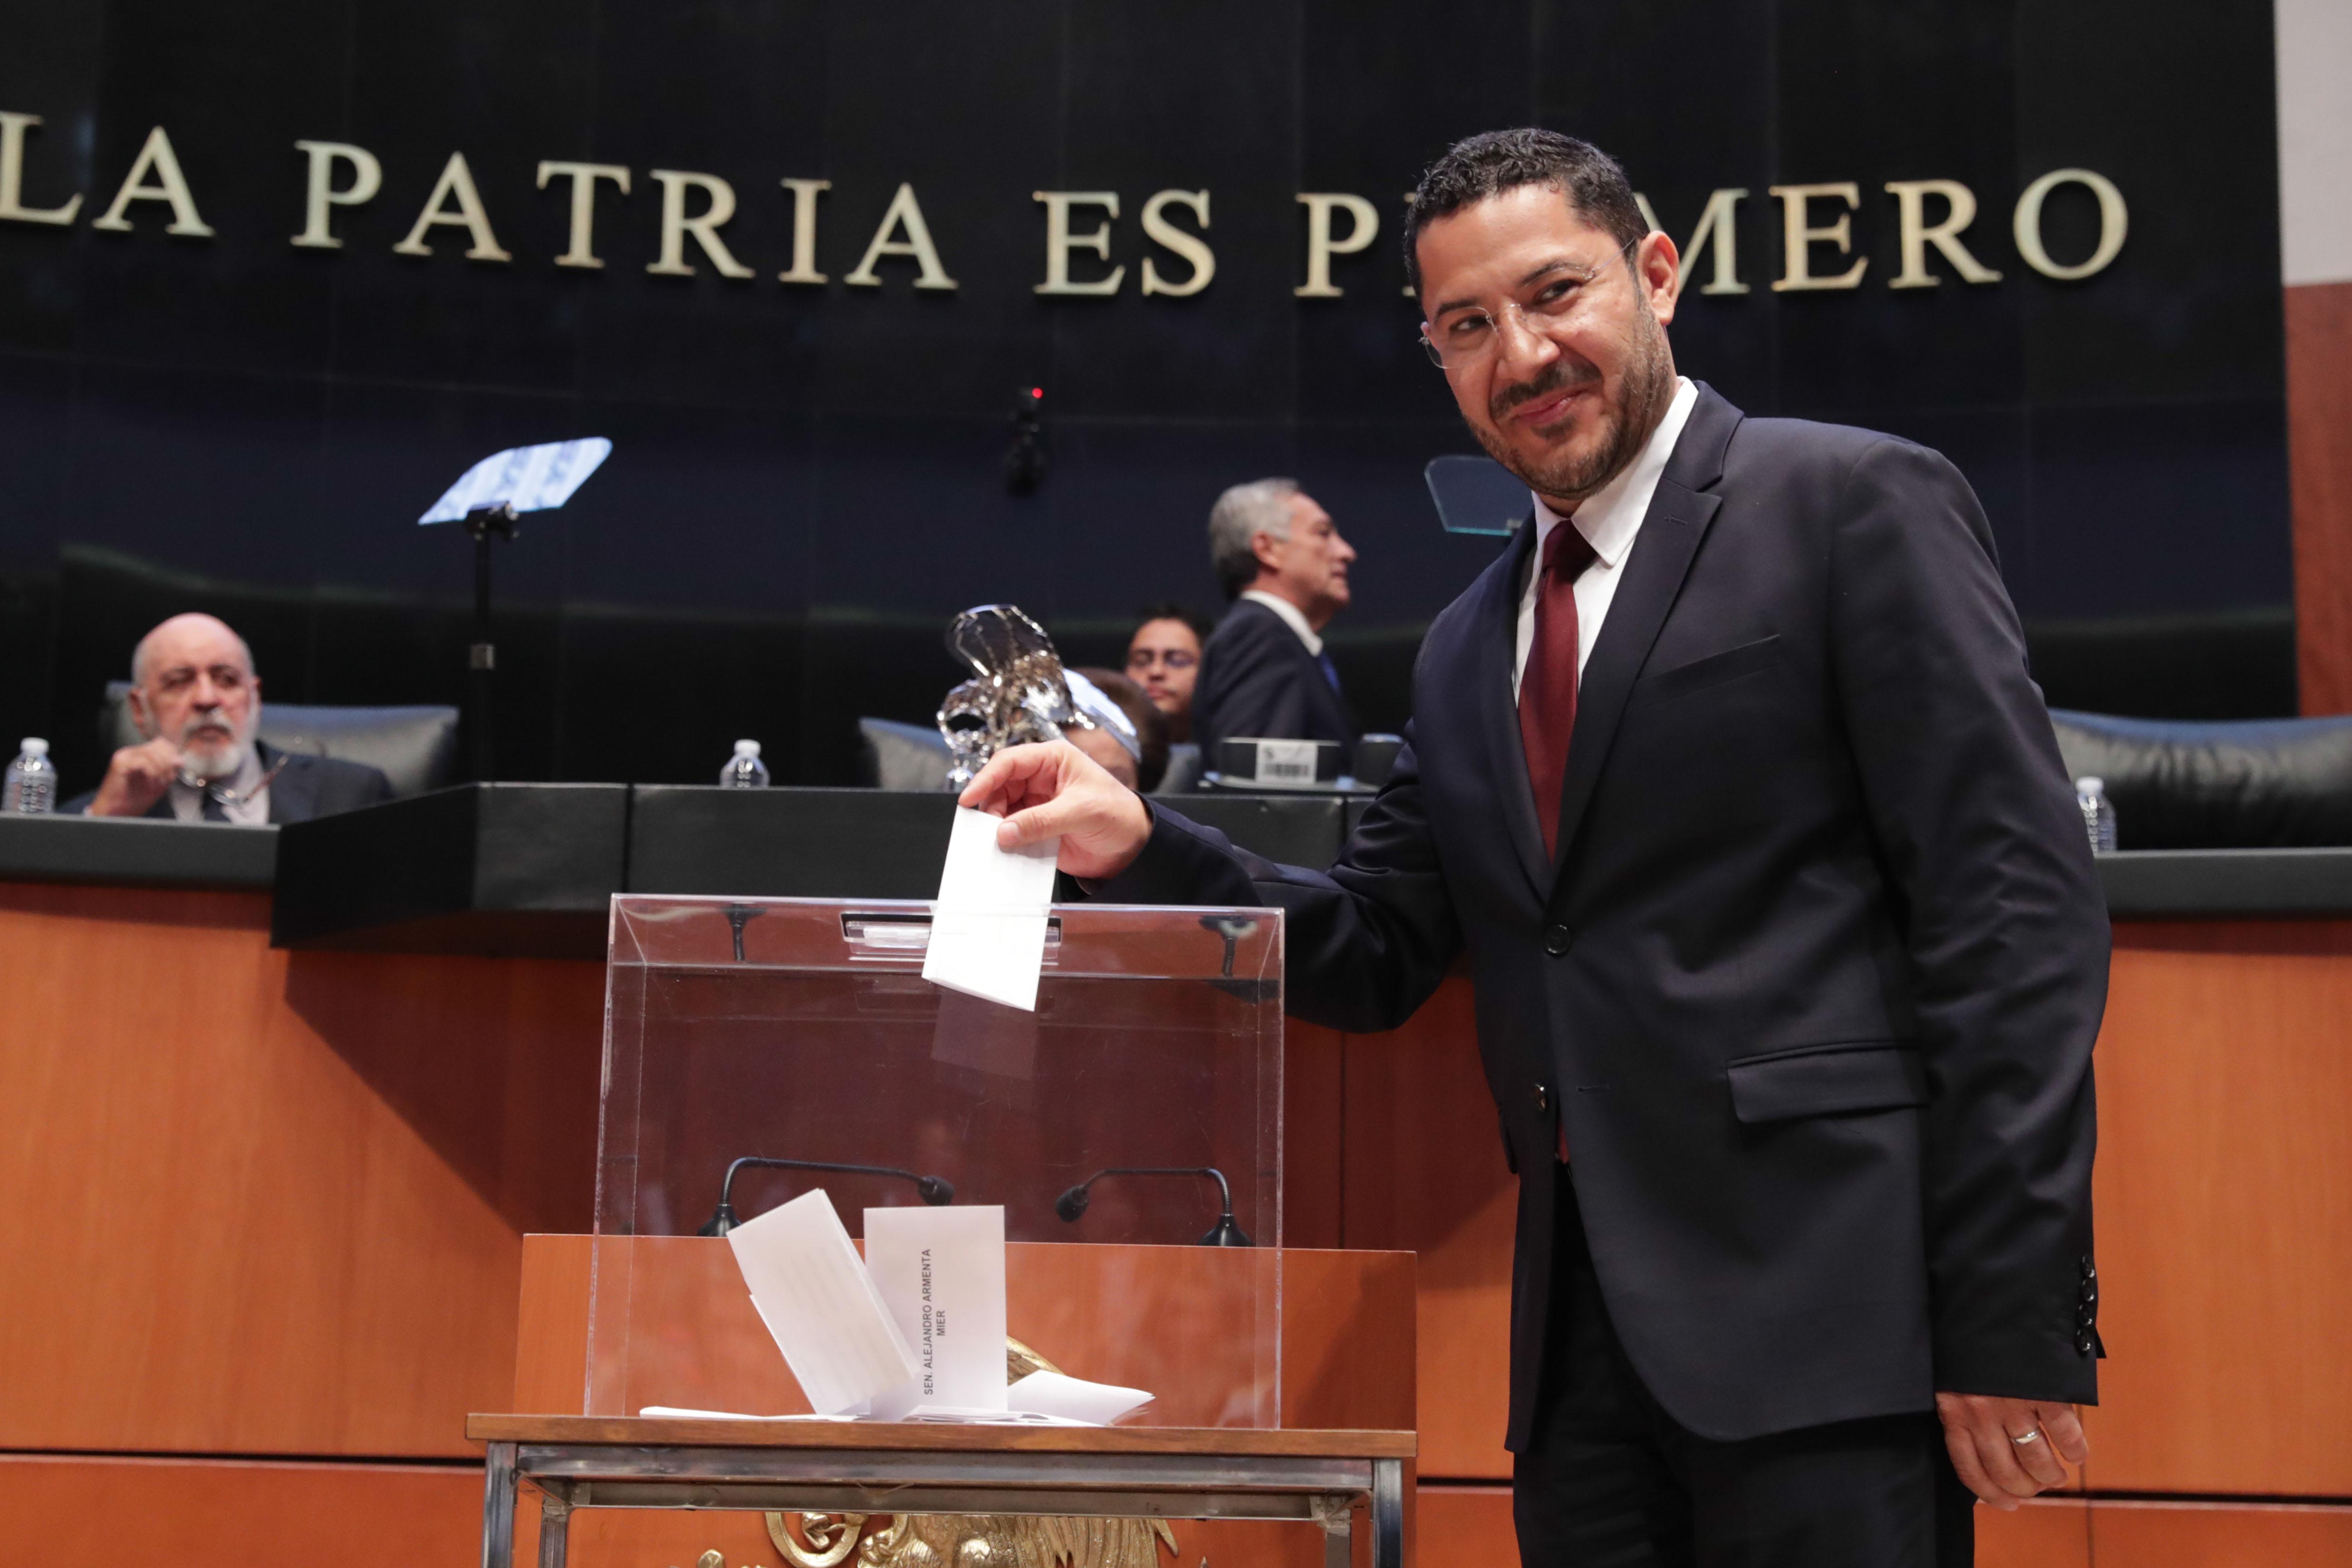 Poder Legislativo será protagonista del cambio político de México: Martí Batres